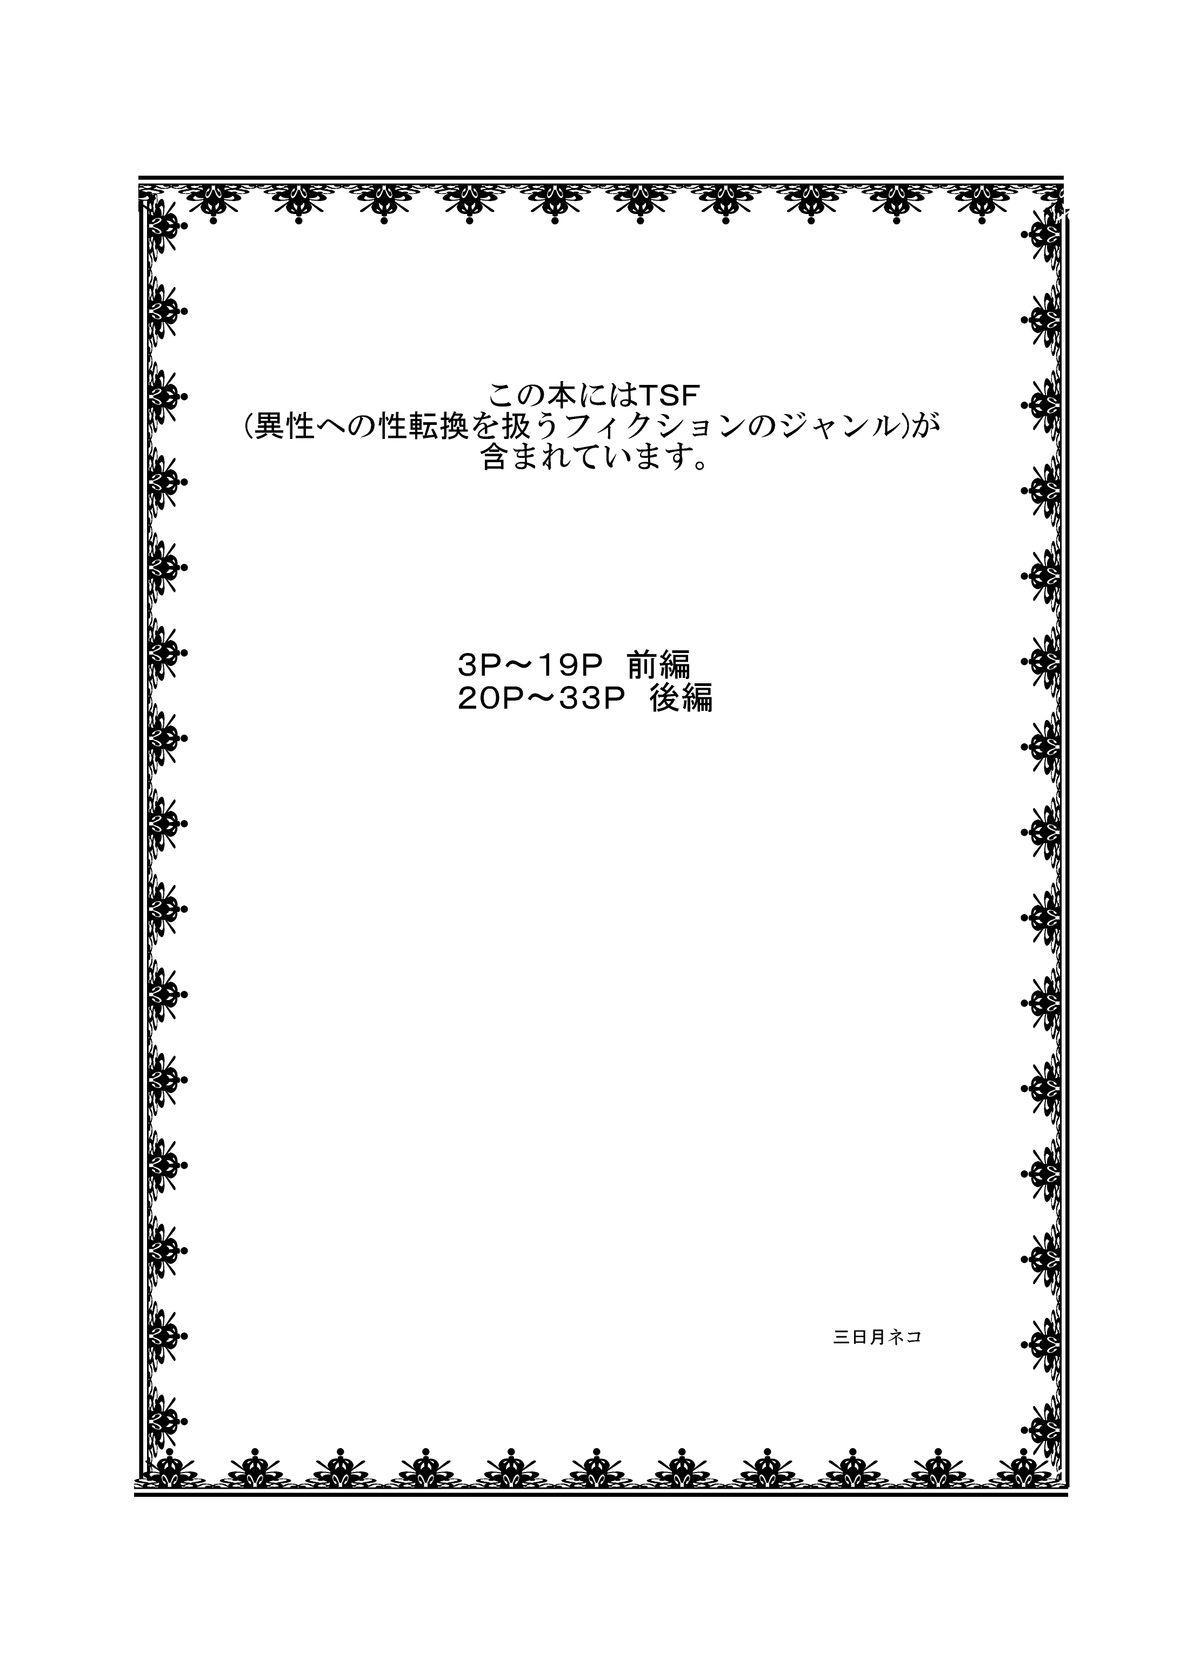 Sekaijuu ga Moshi Irekawari de Afurete Itara 1